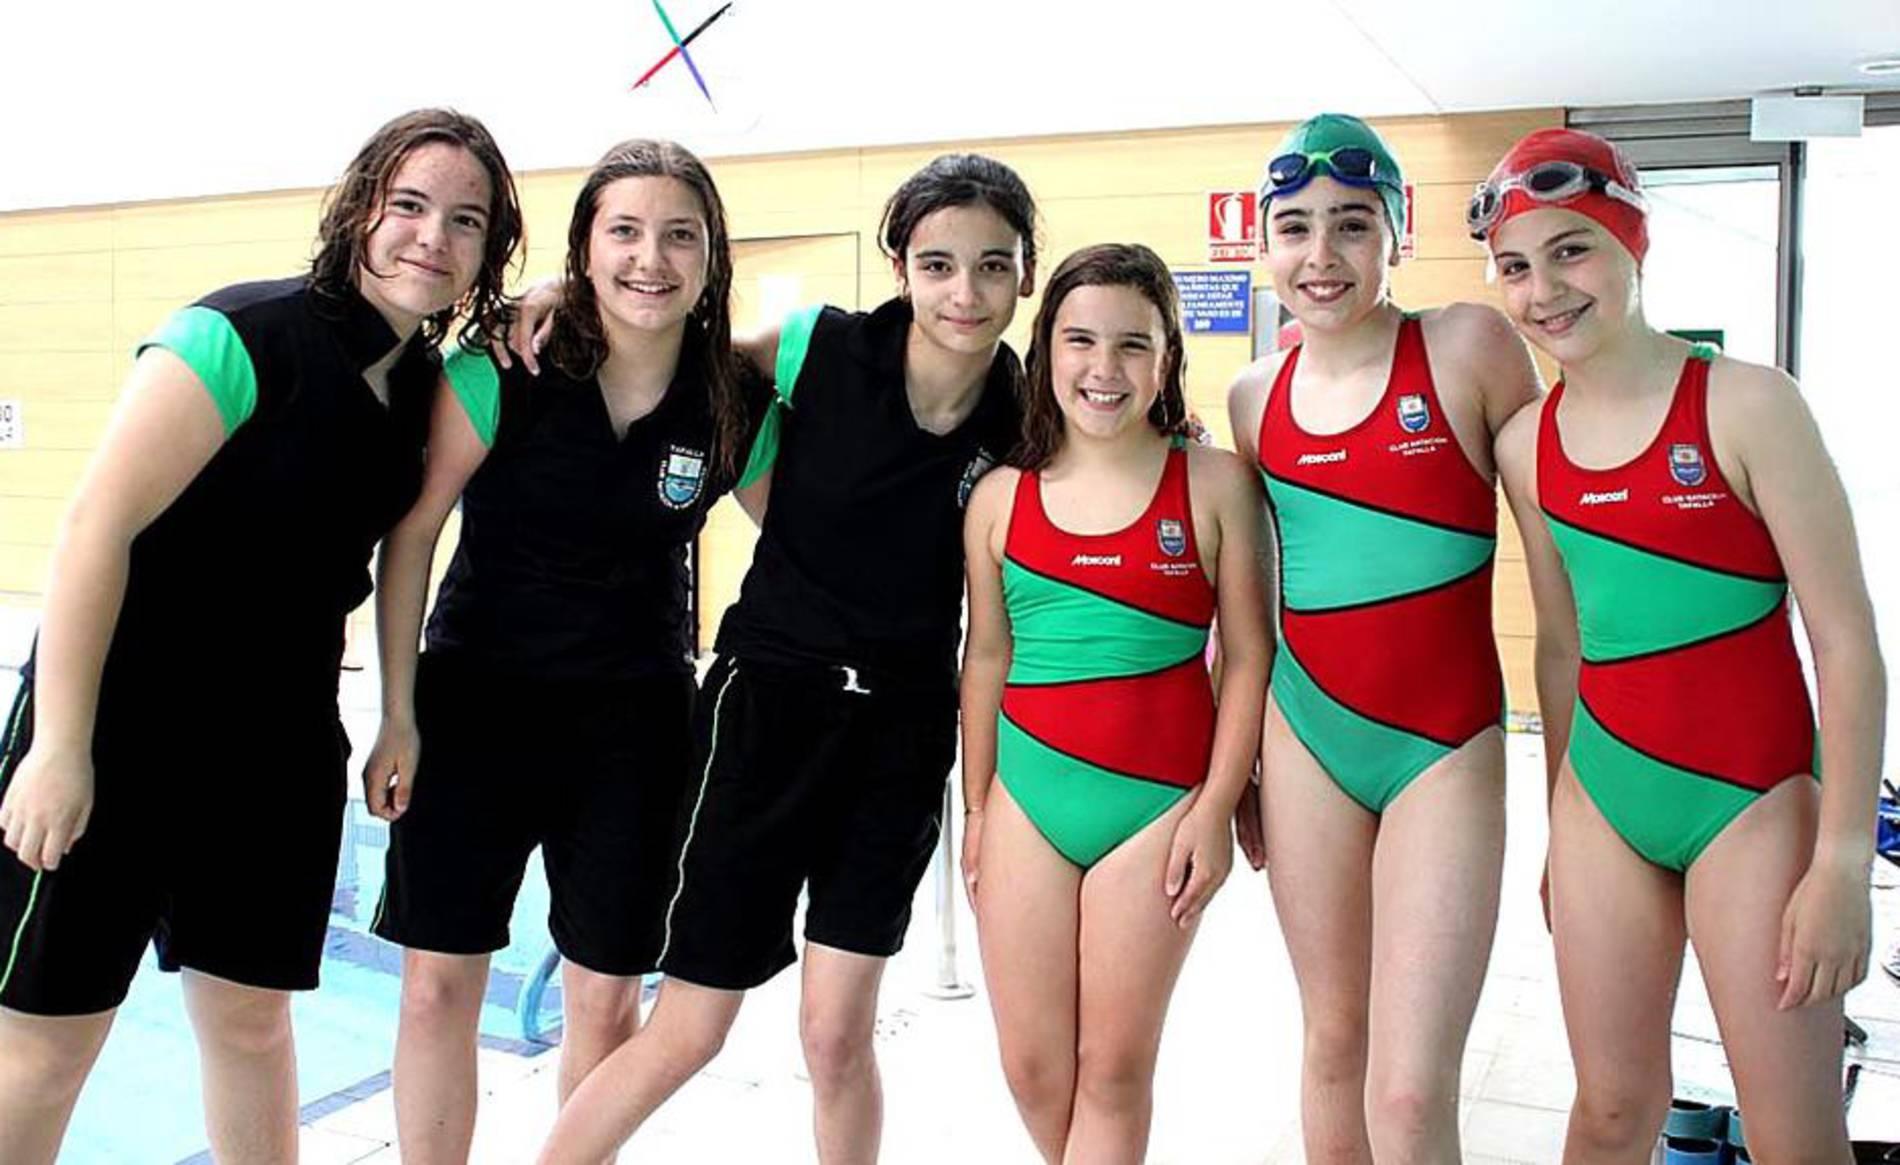 Click deportes finales de nataci n con aletas diario de for Aletas natacion piscina